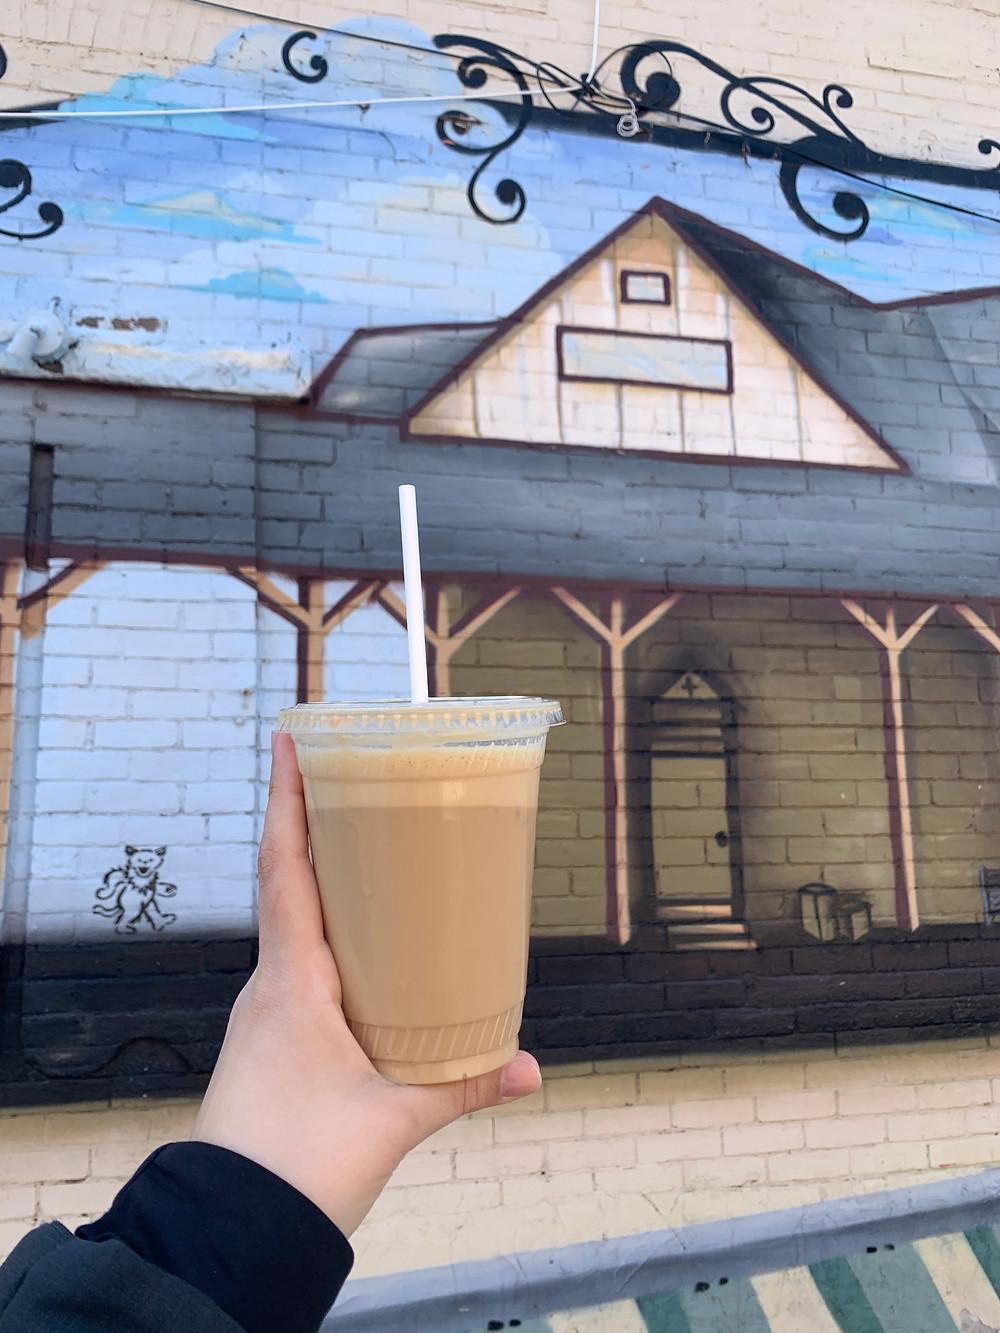 iced latte & Junction mural